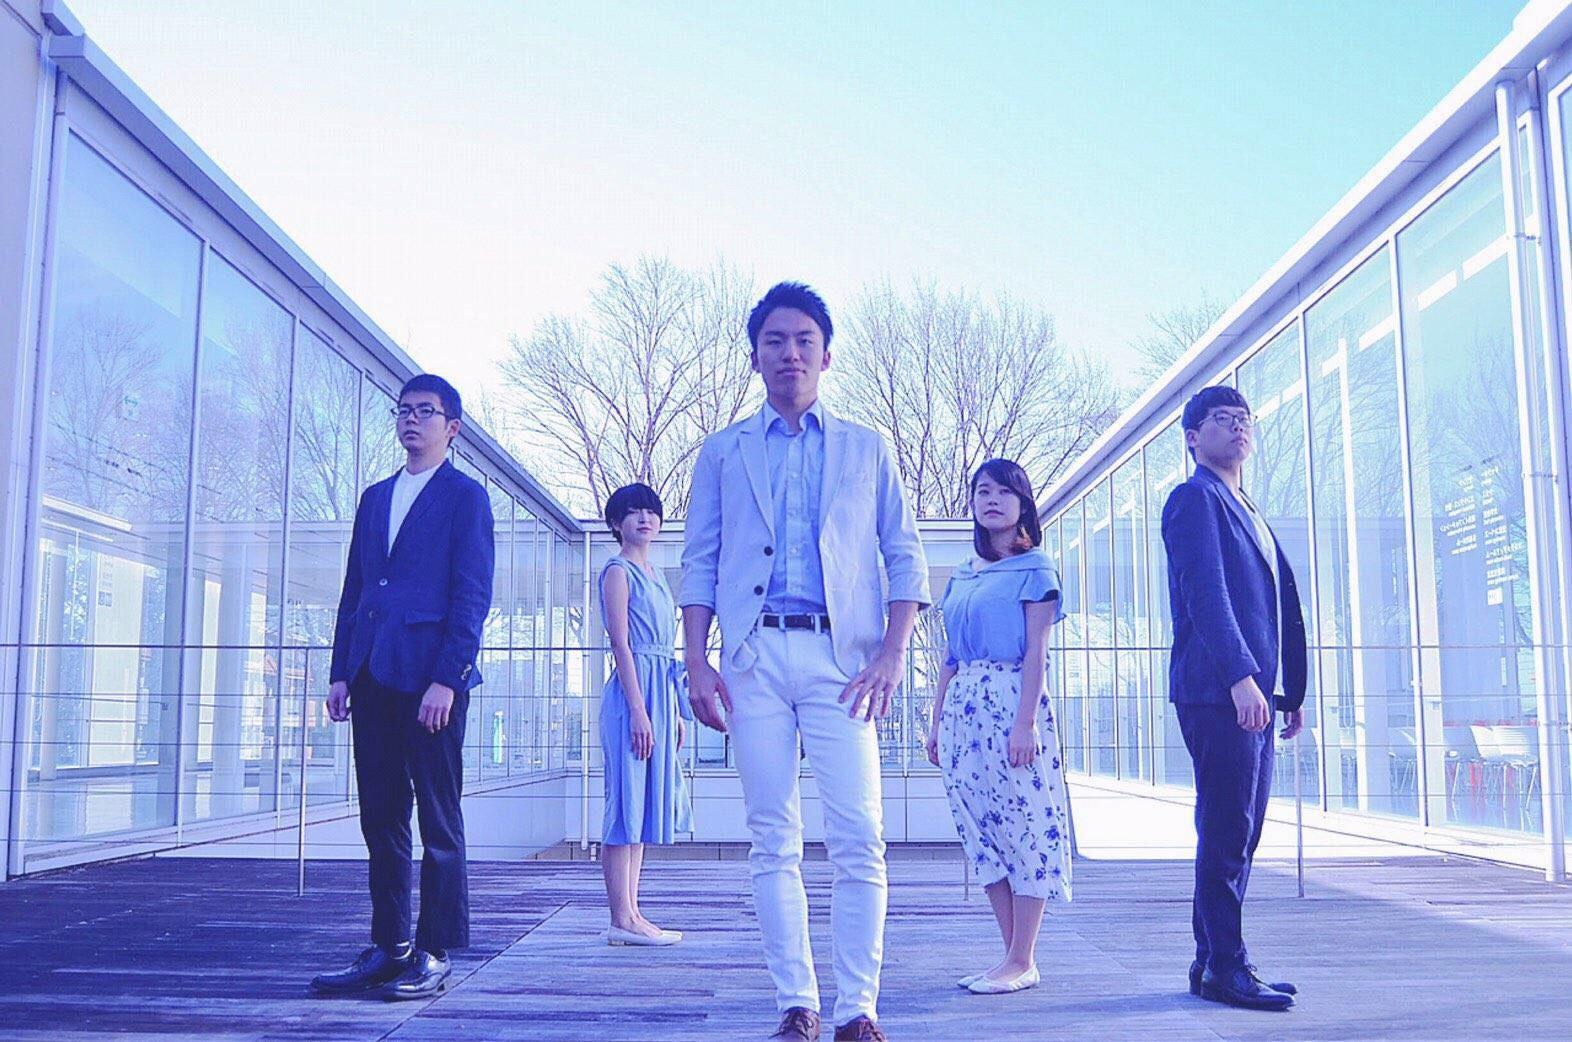 はらけーじ「Love Story / 安室奈美恵」「奇跡を望むなら… / JUJU」